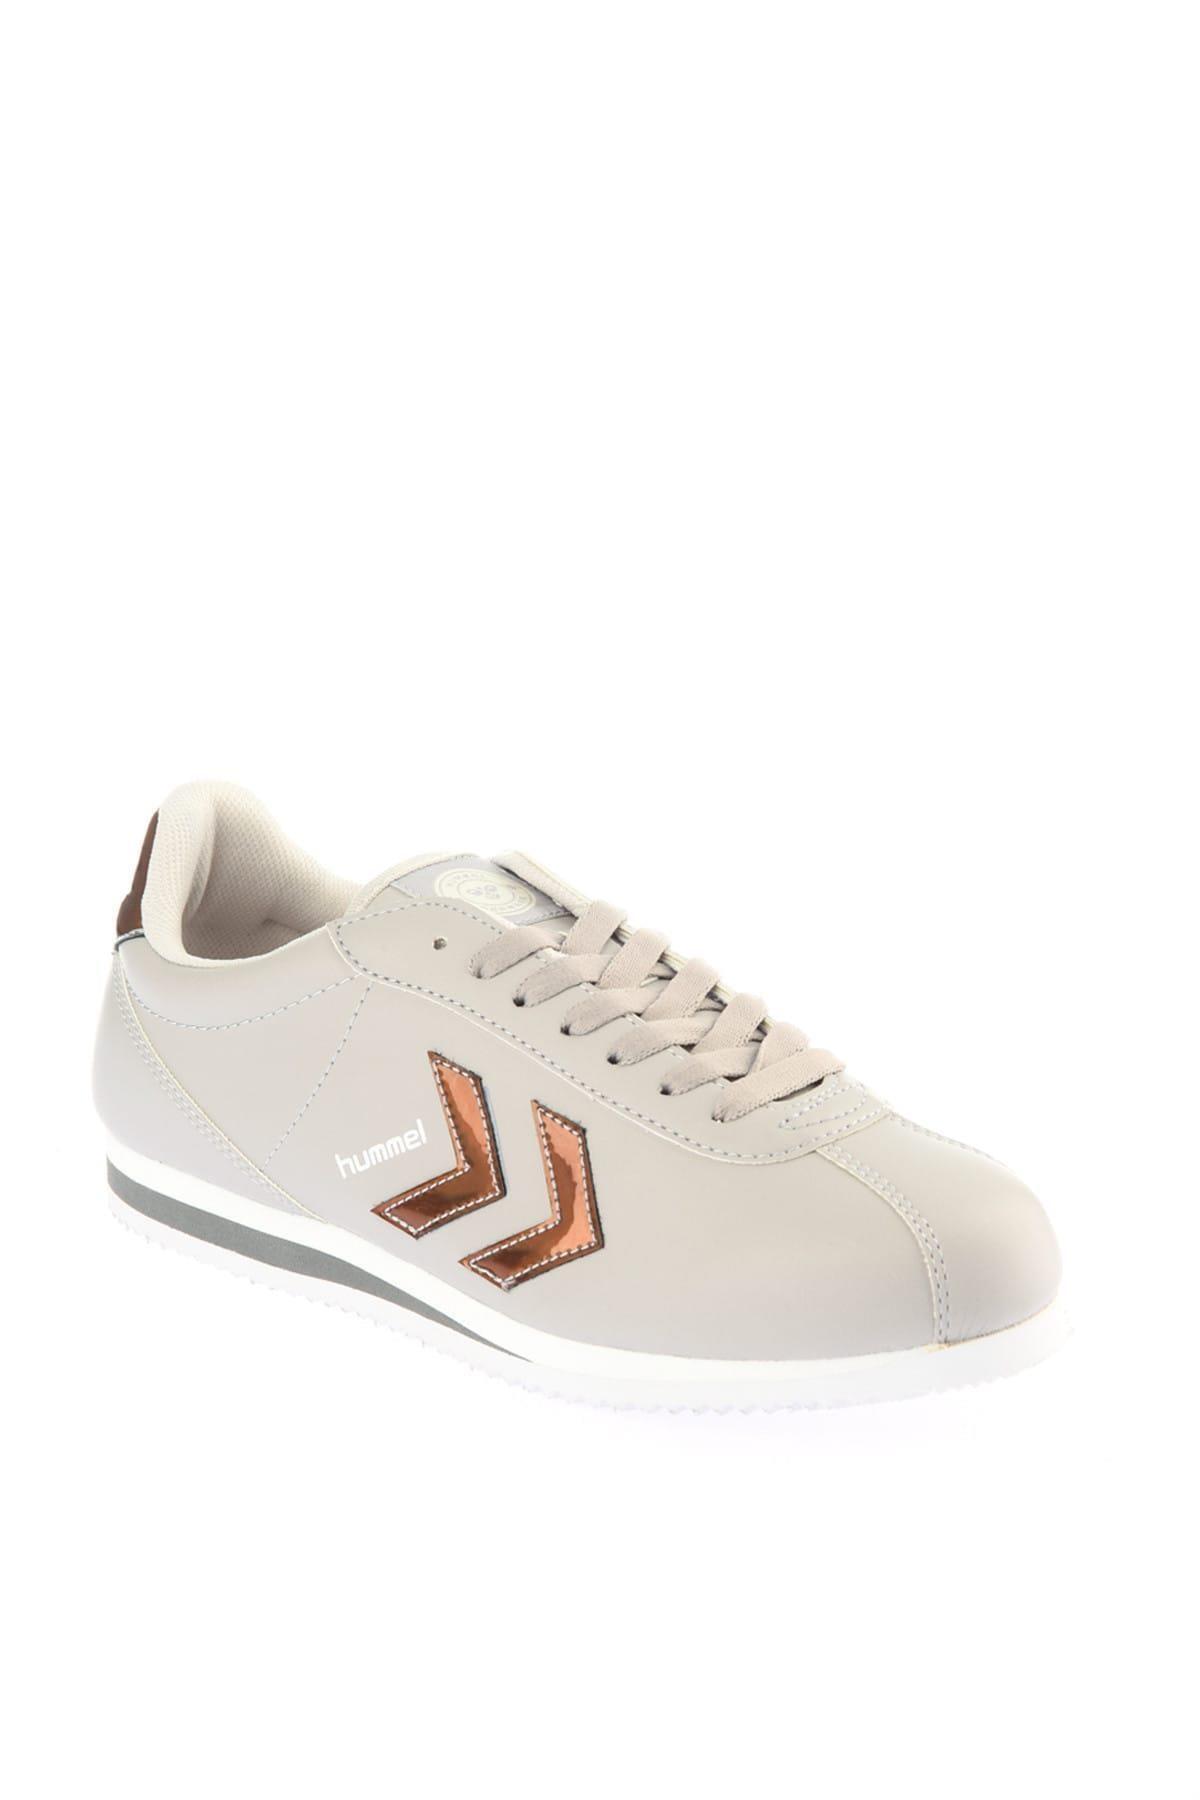 HUMMEL Ninetyone 2 Kadın Spor Ayakkabı 206314-9018 2